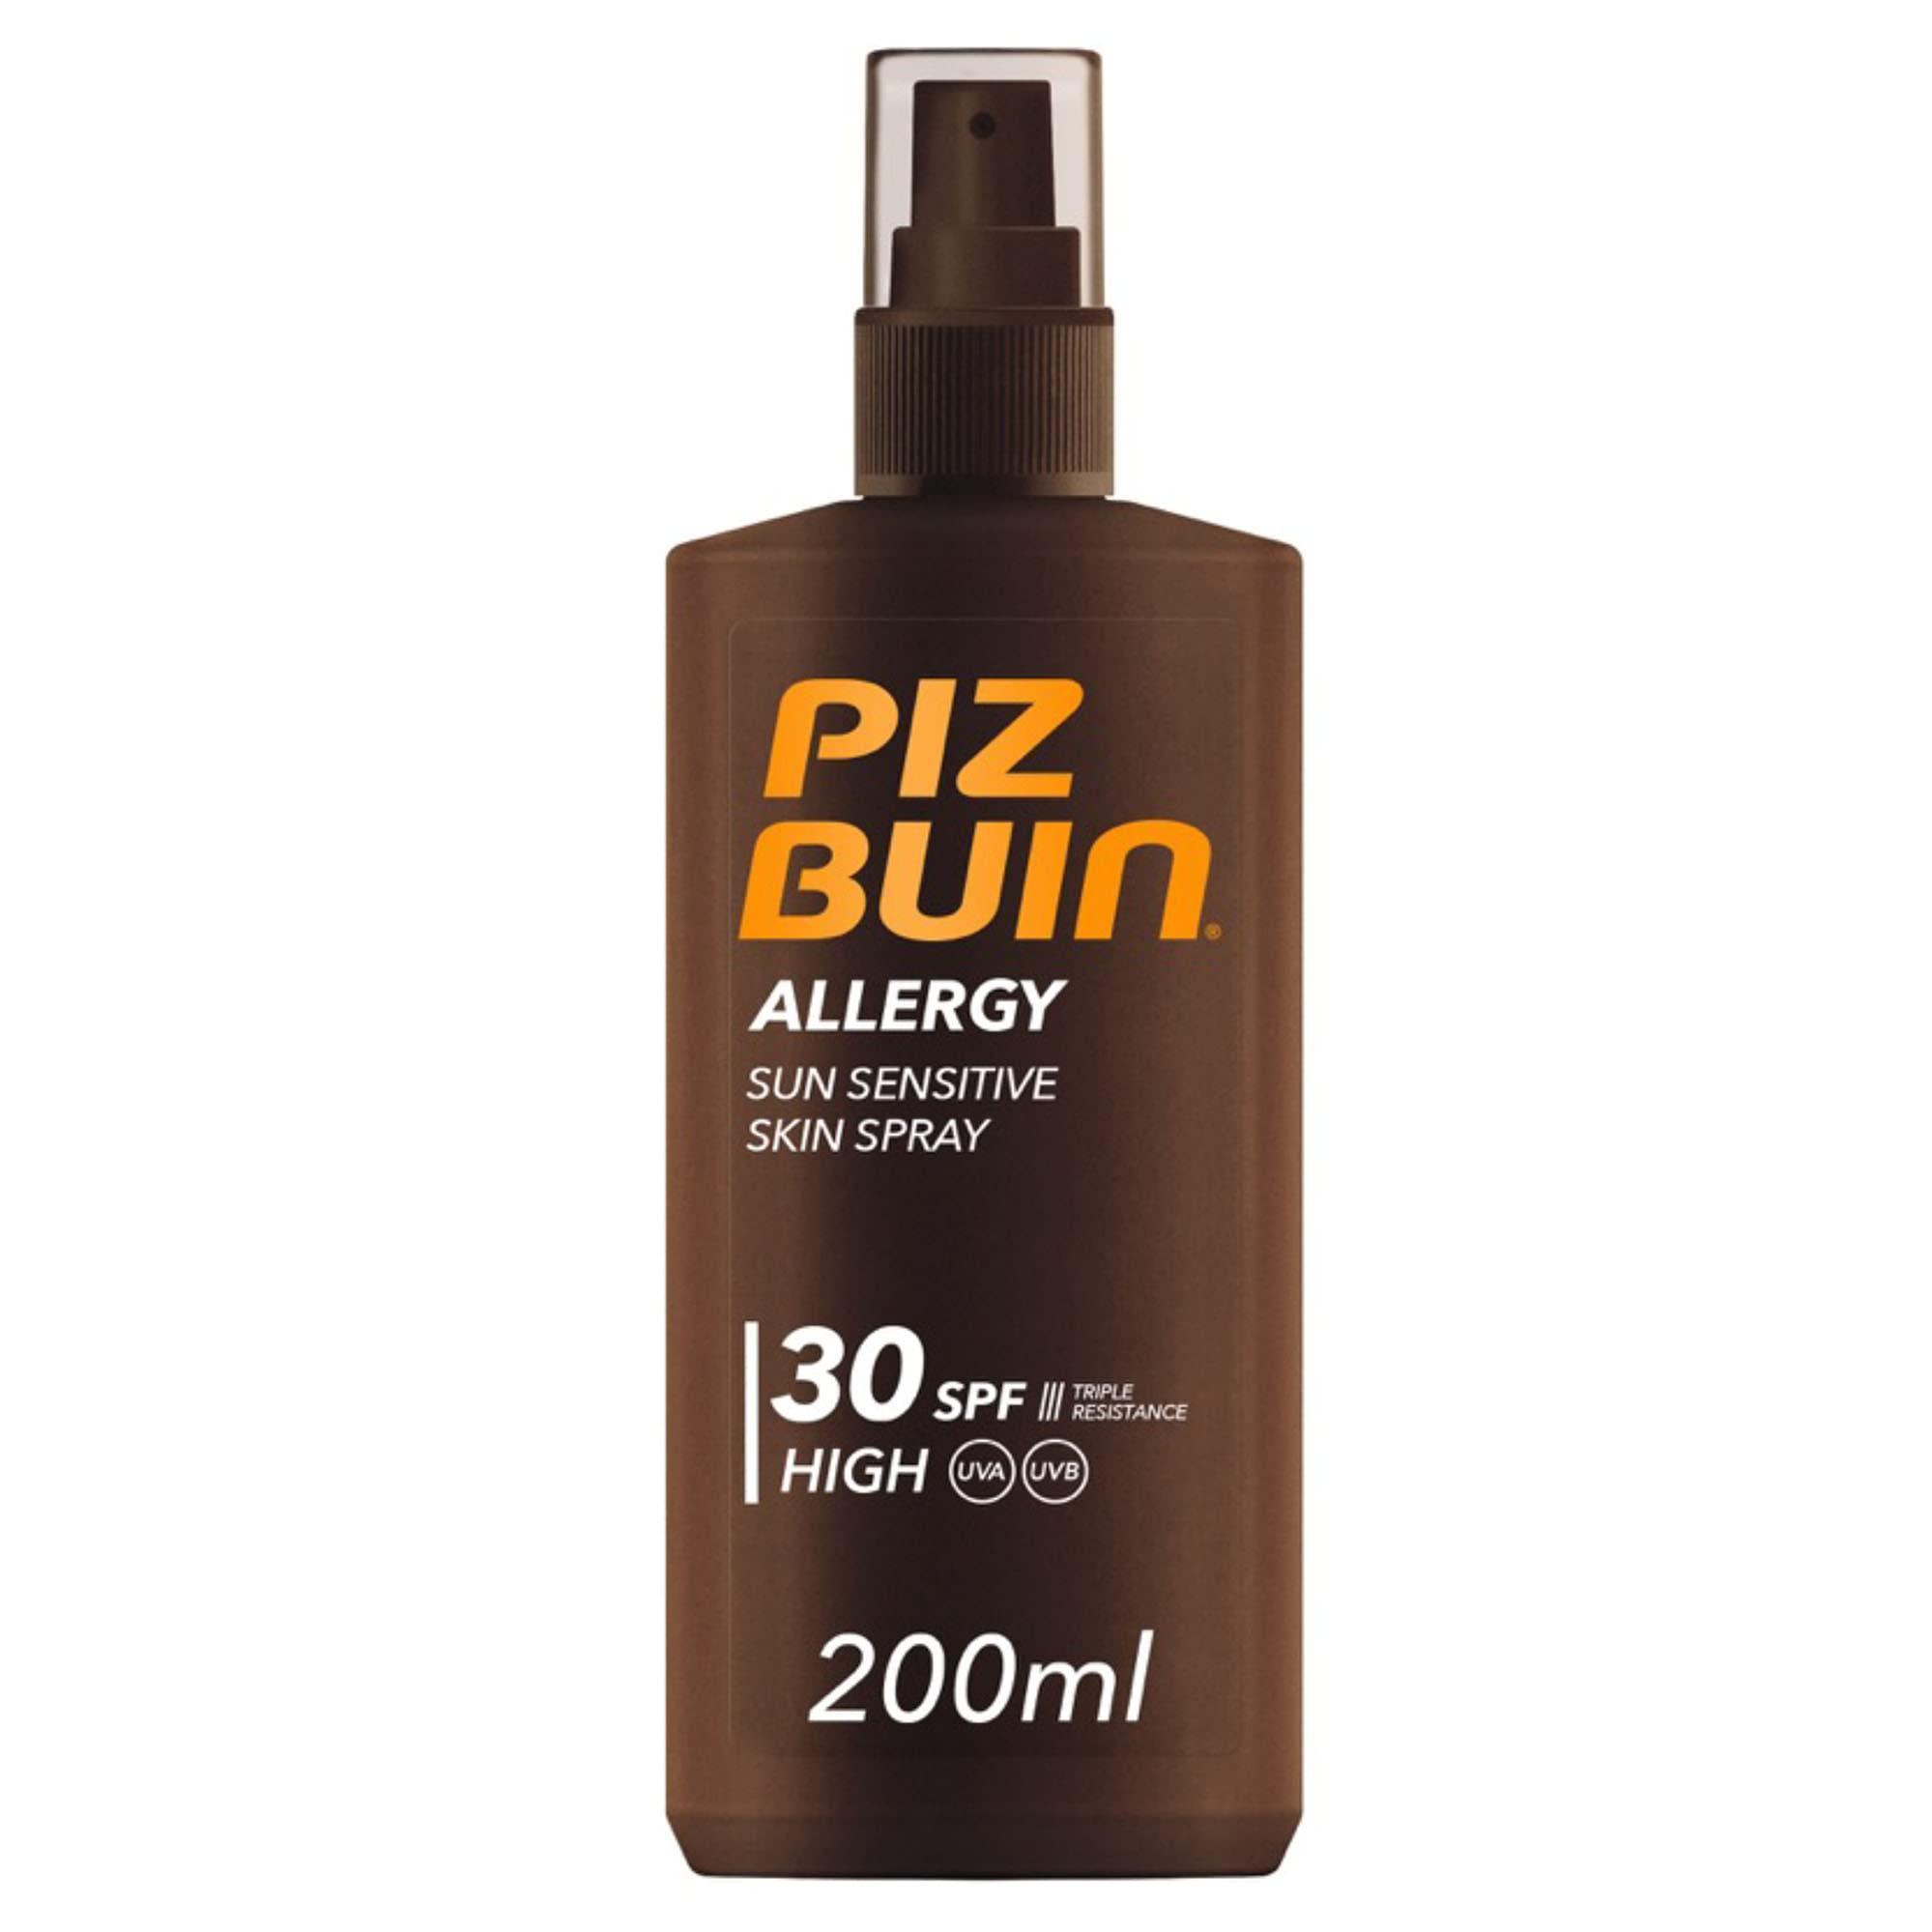 Piz Buin, Protector Solar Allergy Spray SPF 30 Protección Alta, 200 ml